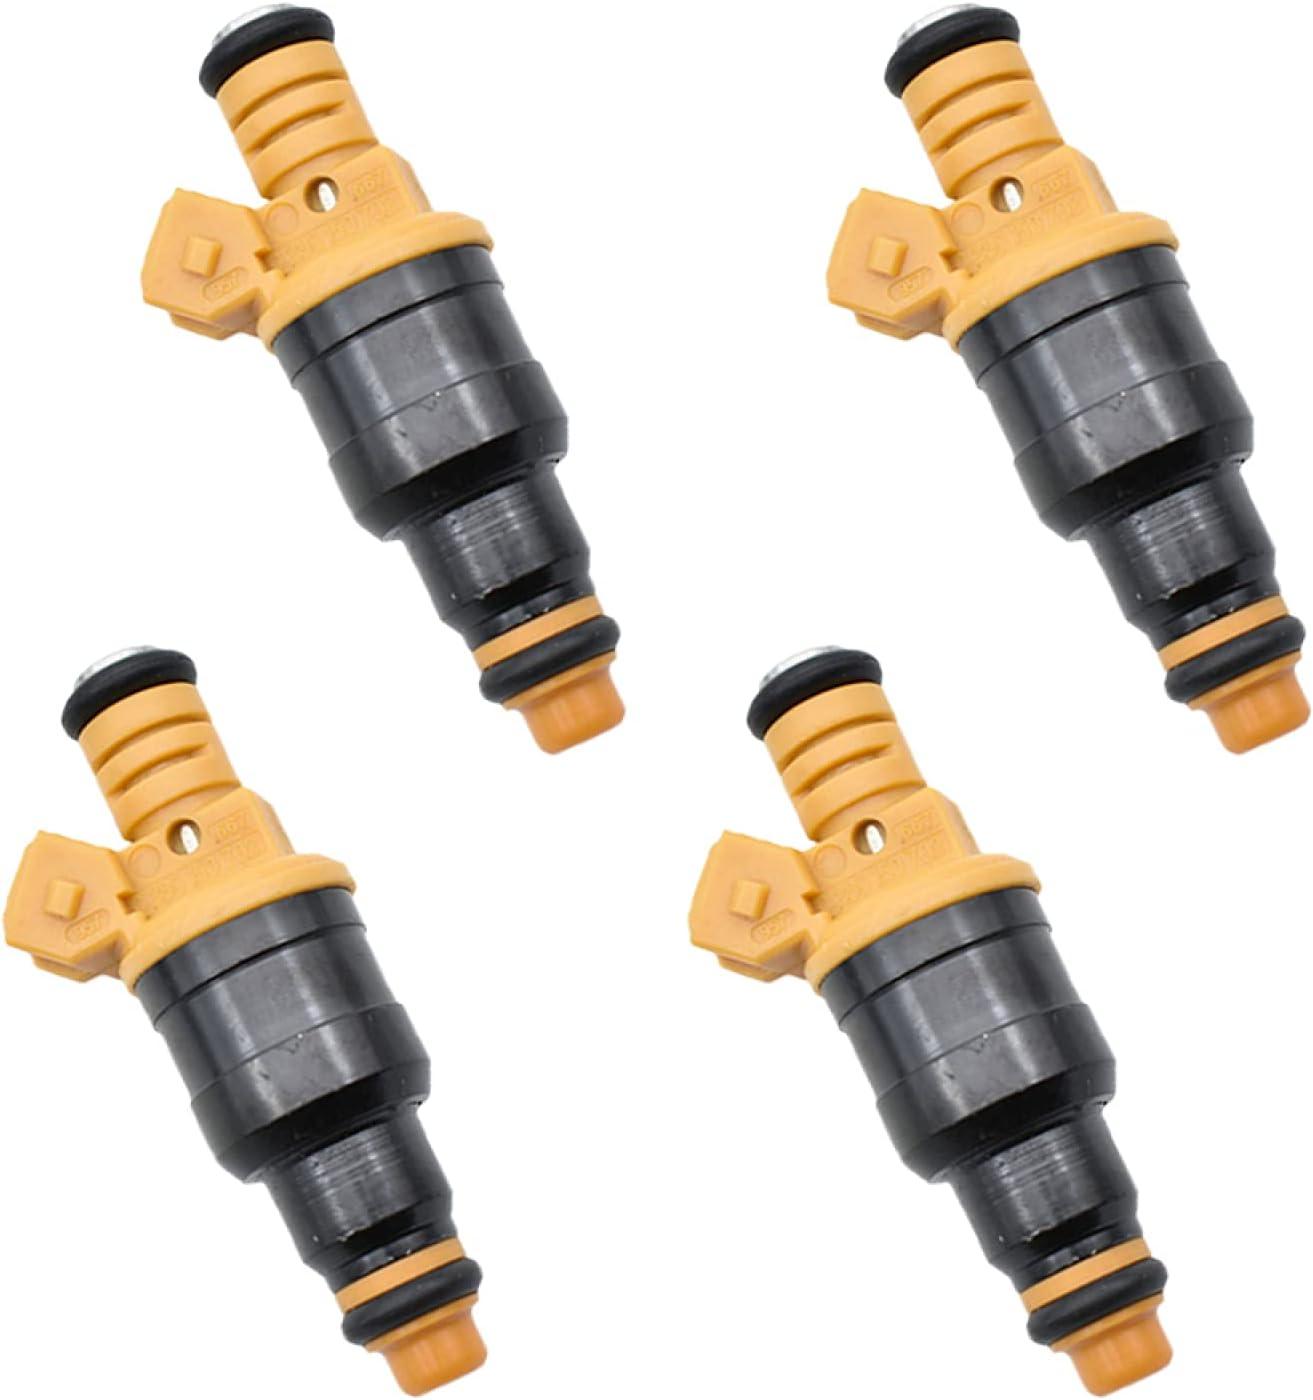 GLLXPZ 4pcs/Lot 0280150702 Kits de Gasolina para Coche Inyector de Combustible, para Alfa Romeo 155156164 2.5 3.0 V6